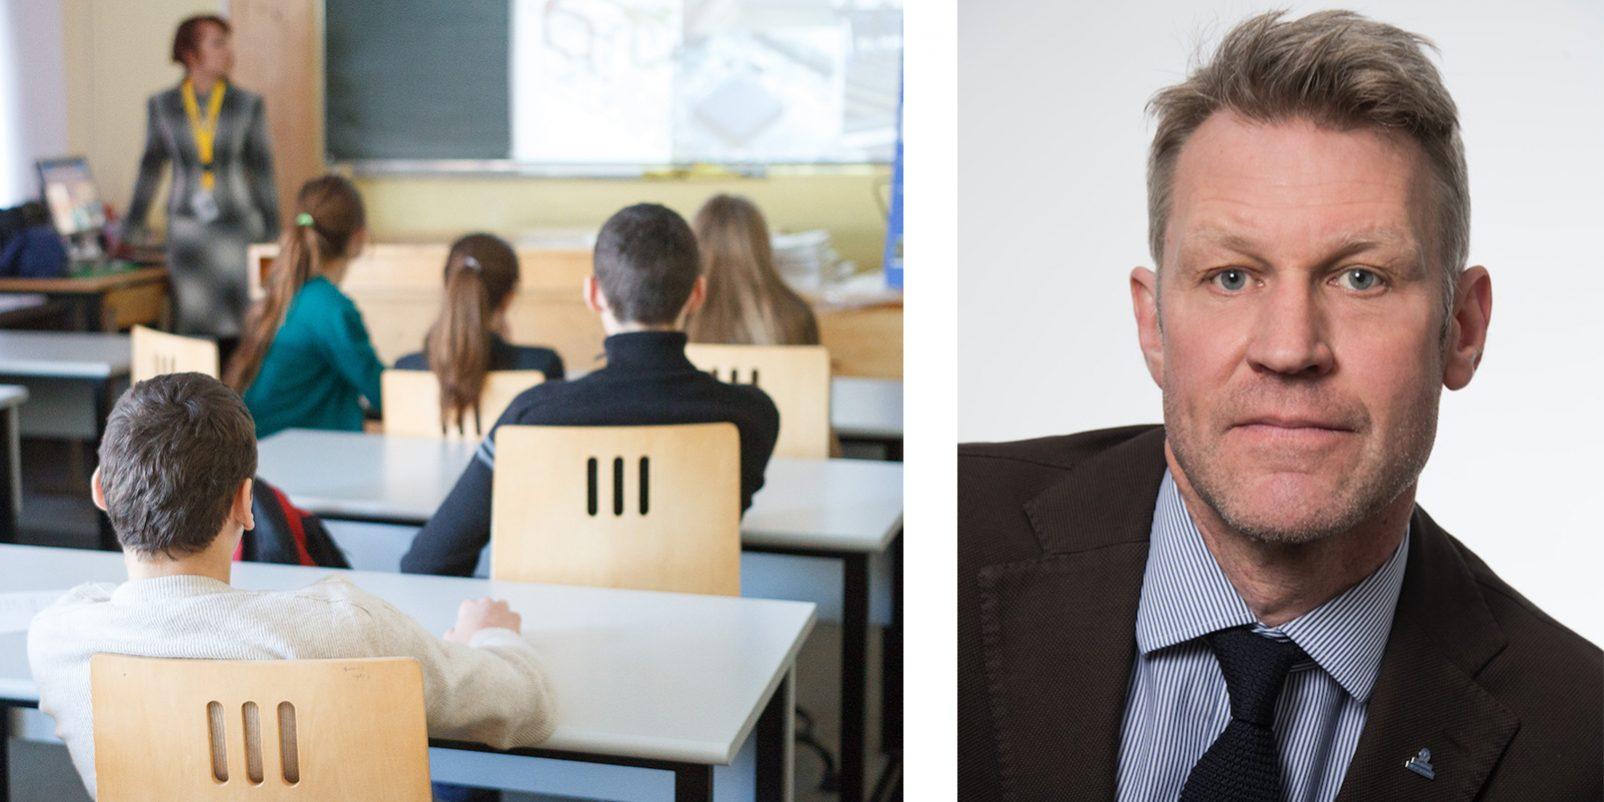 Klassrum med elever och lärare och LR:s vice ordförande Svante Tideman.